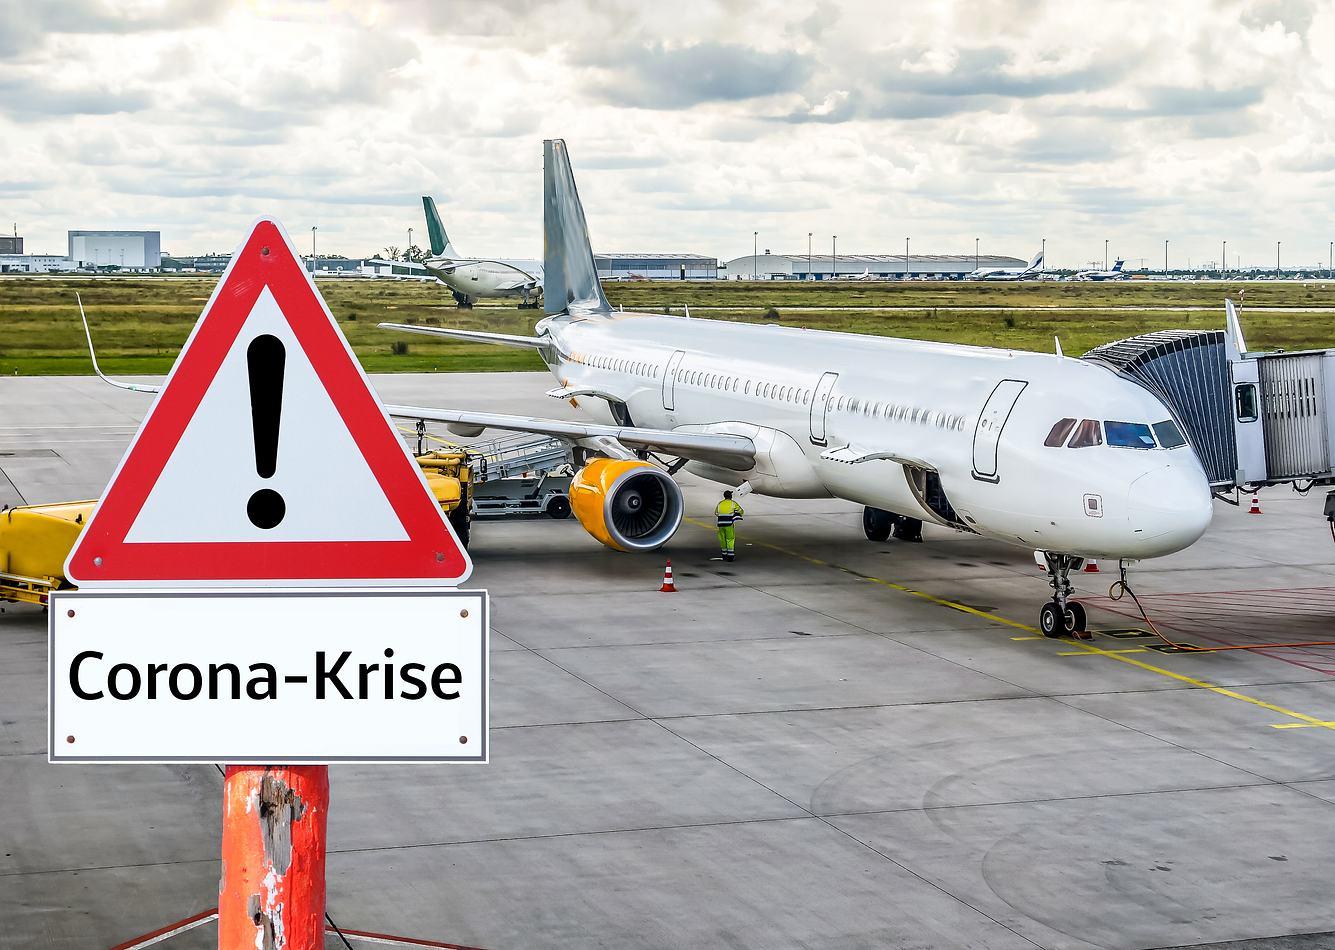 Flughafen mit Flugzeug und Corona-Warnhinweis